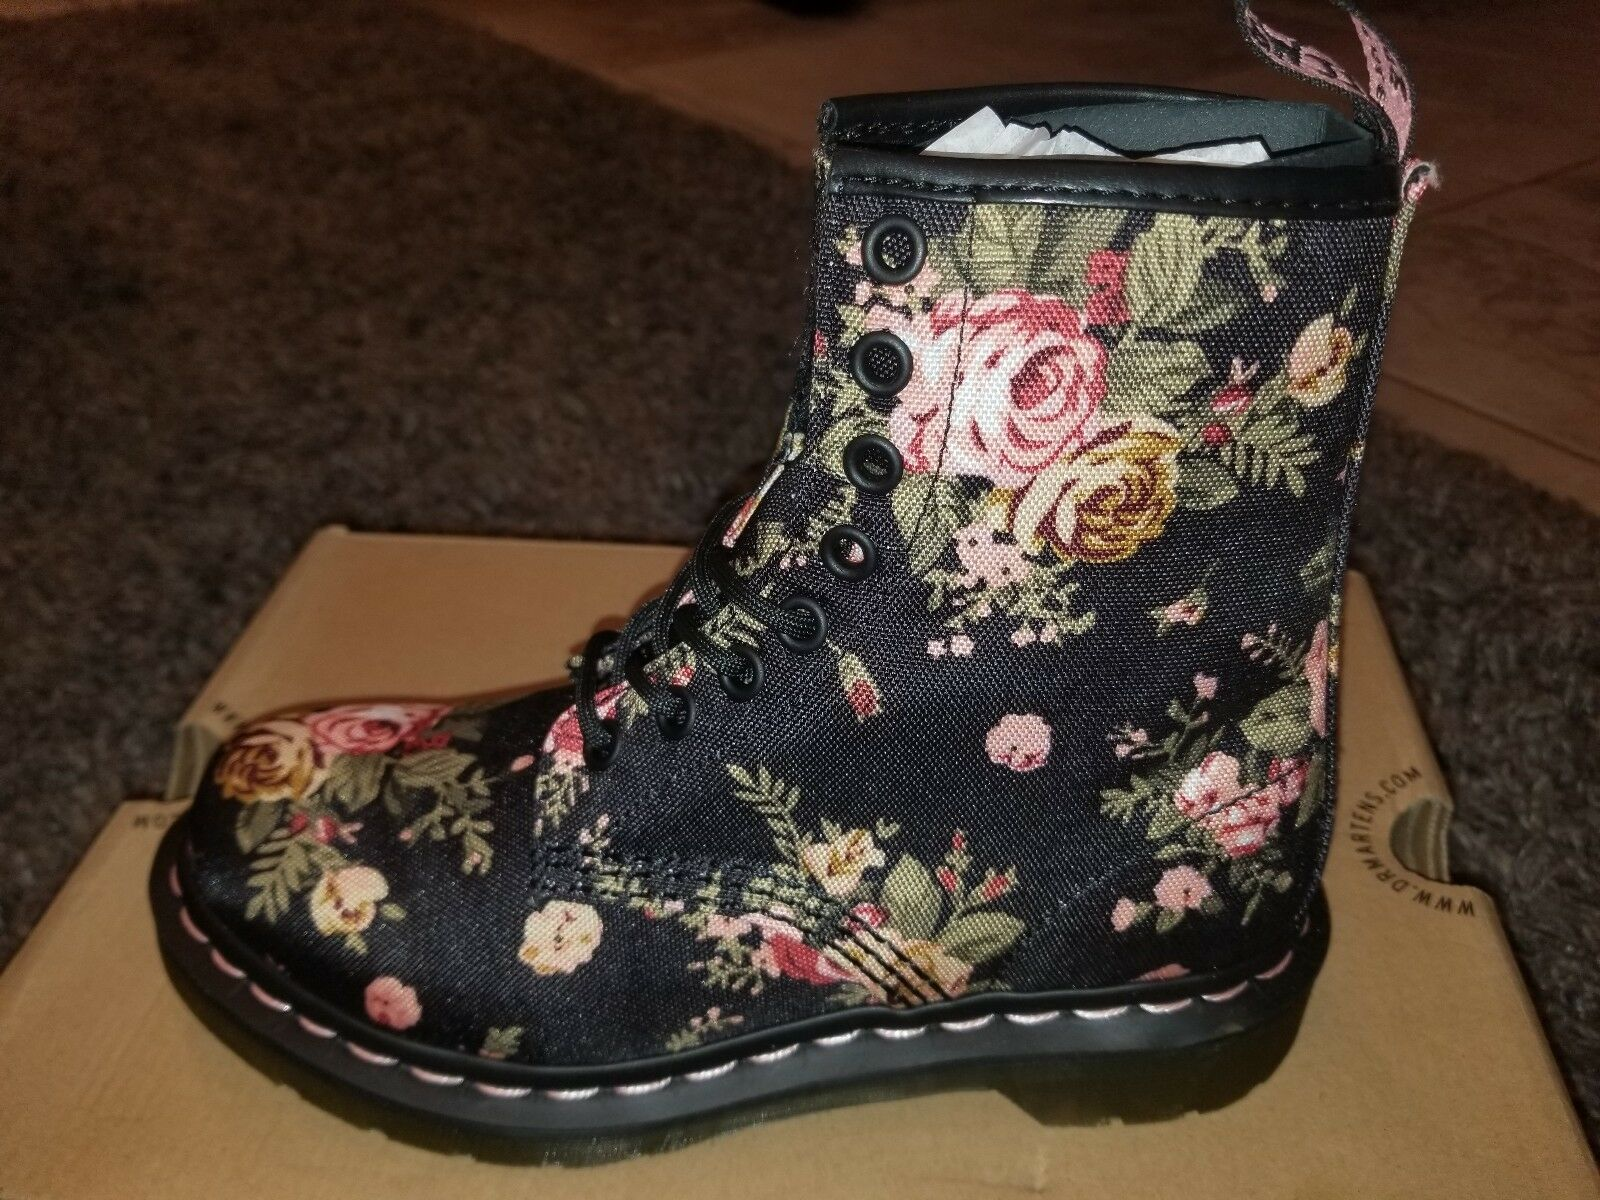 Dr. Martens Martens Martens shoes size 5 US, 3 UK bef475